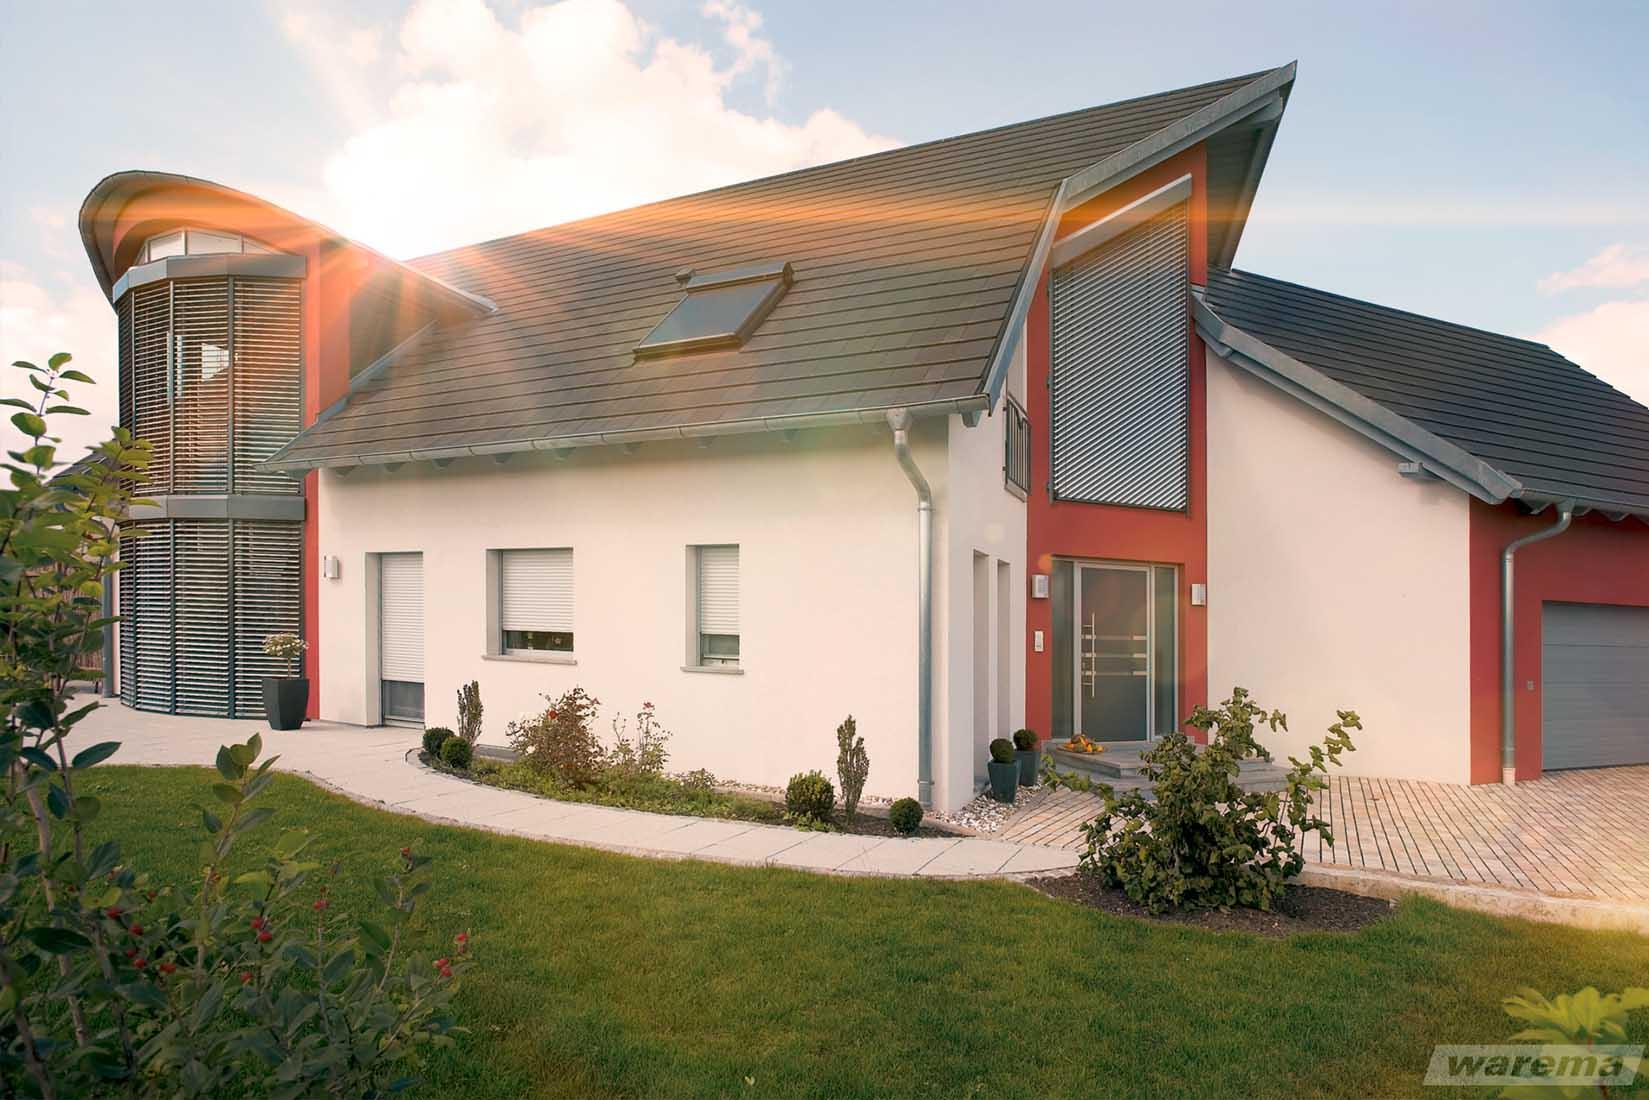 Fassadenelemente und Sonnenschutz-Systeme